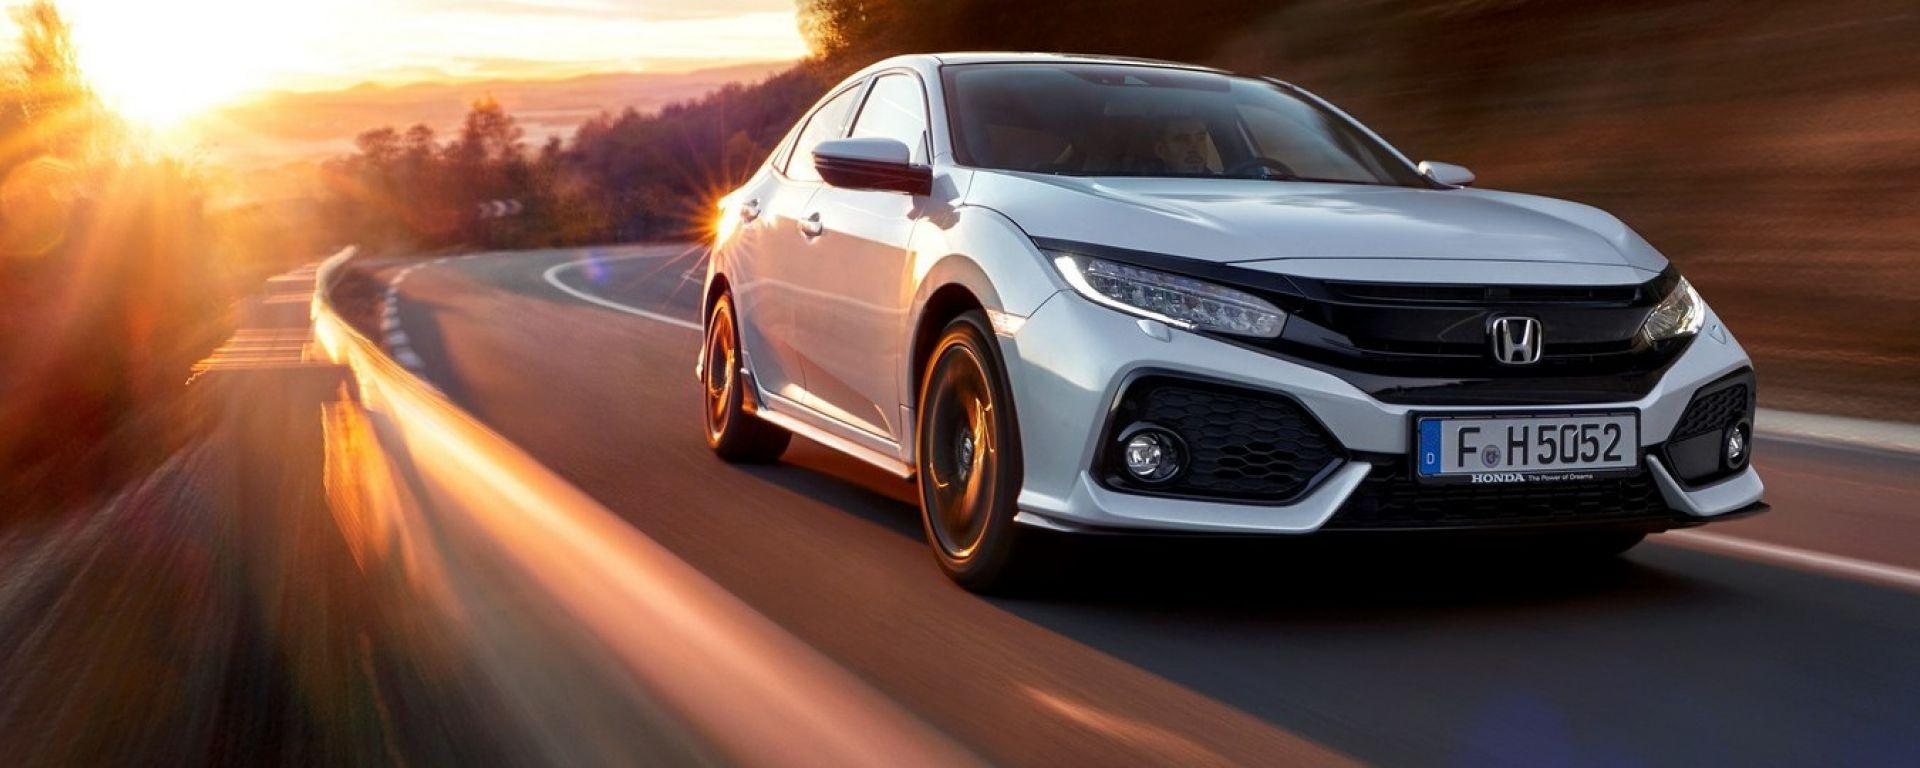 Honda Civic 2017: prova, dotazioni, prezzi